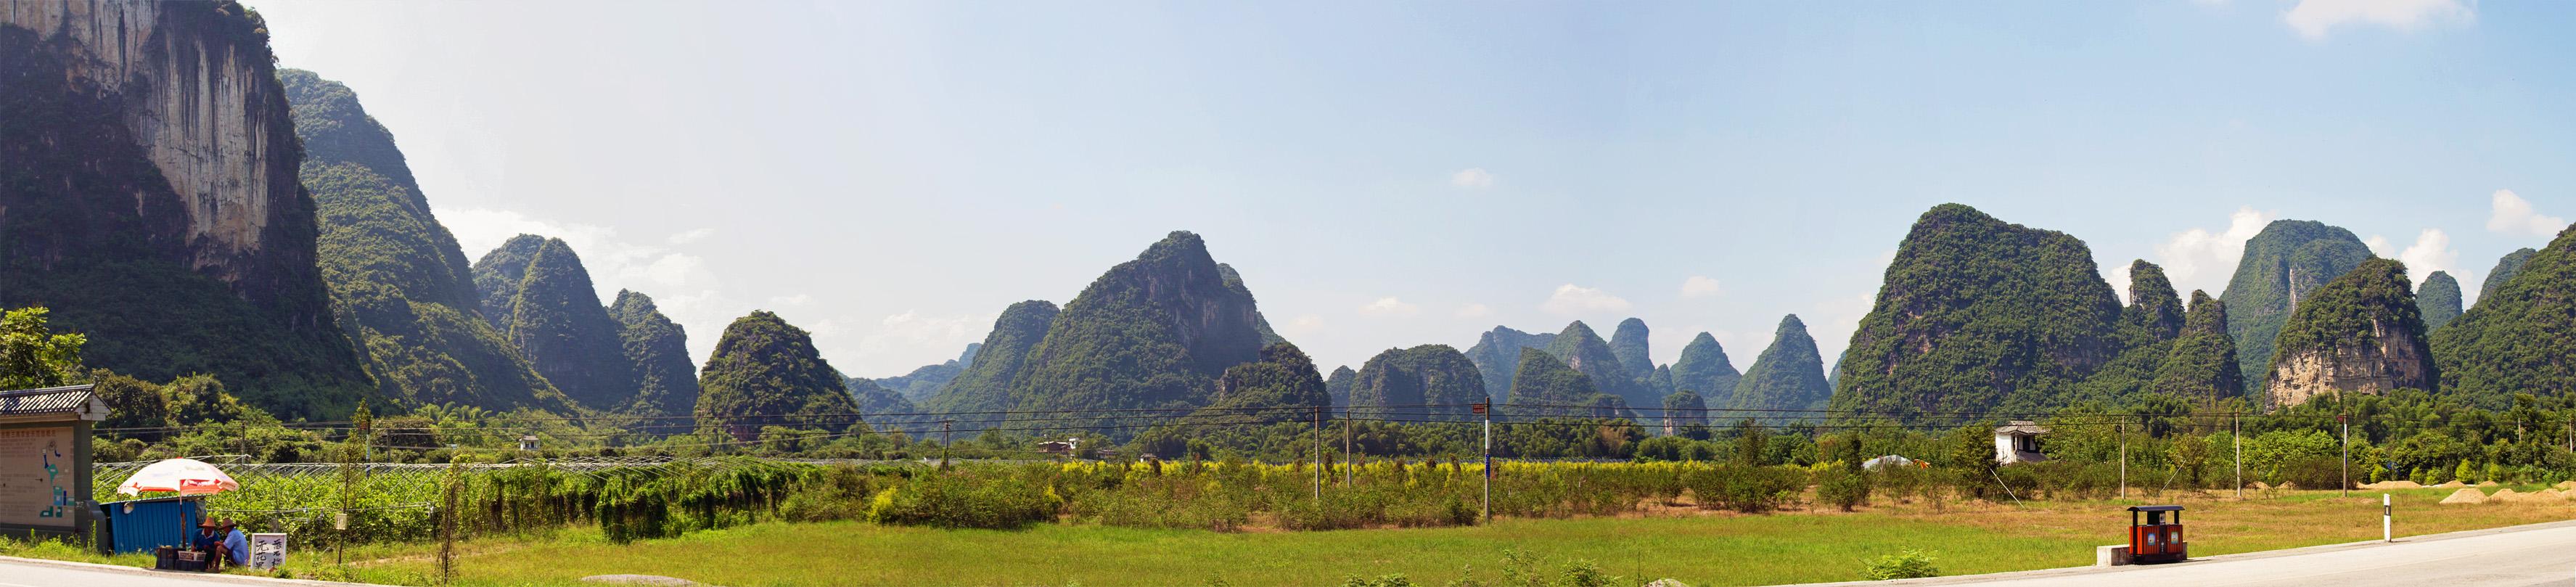 Alrededores de Yangshuo